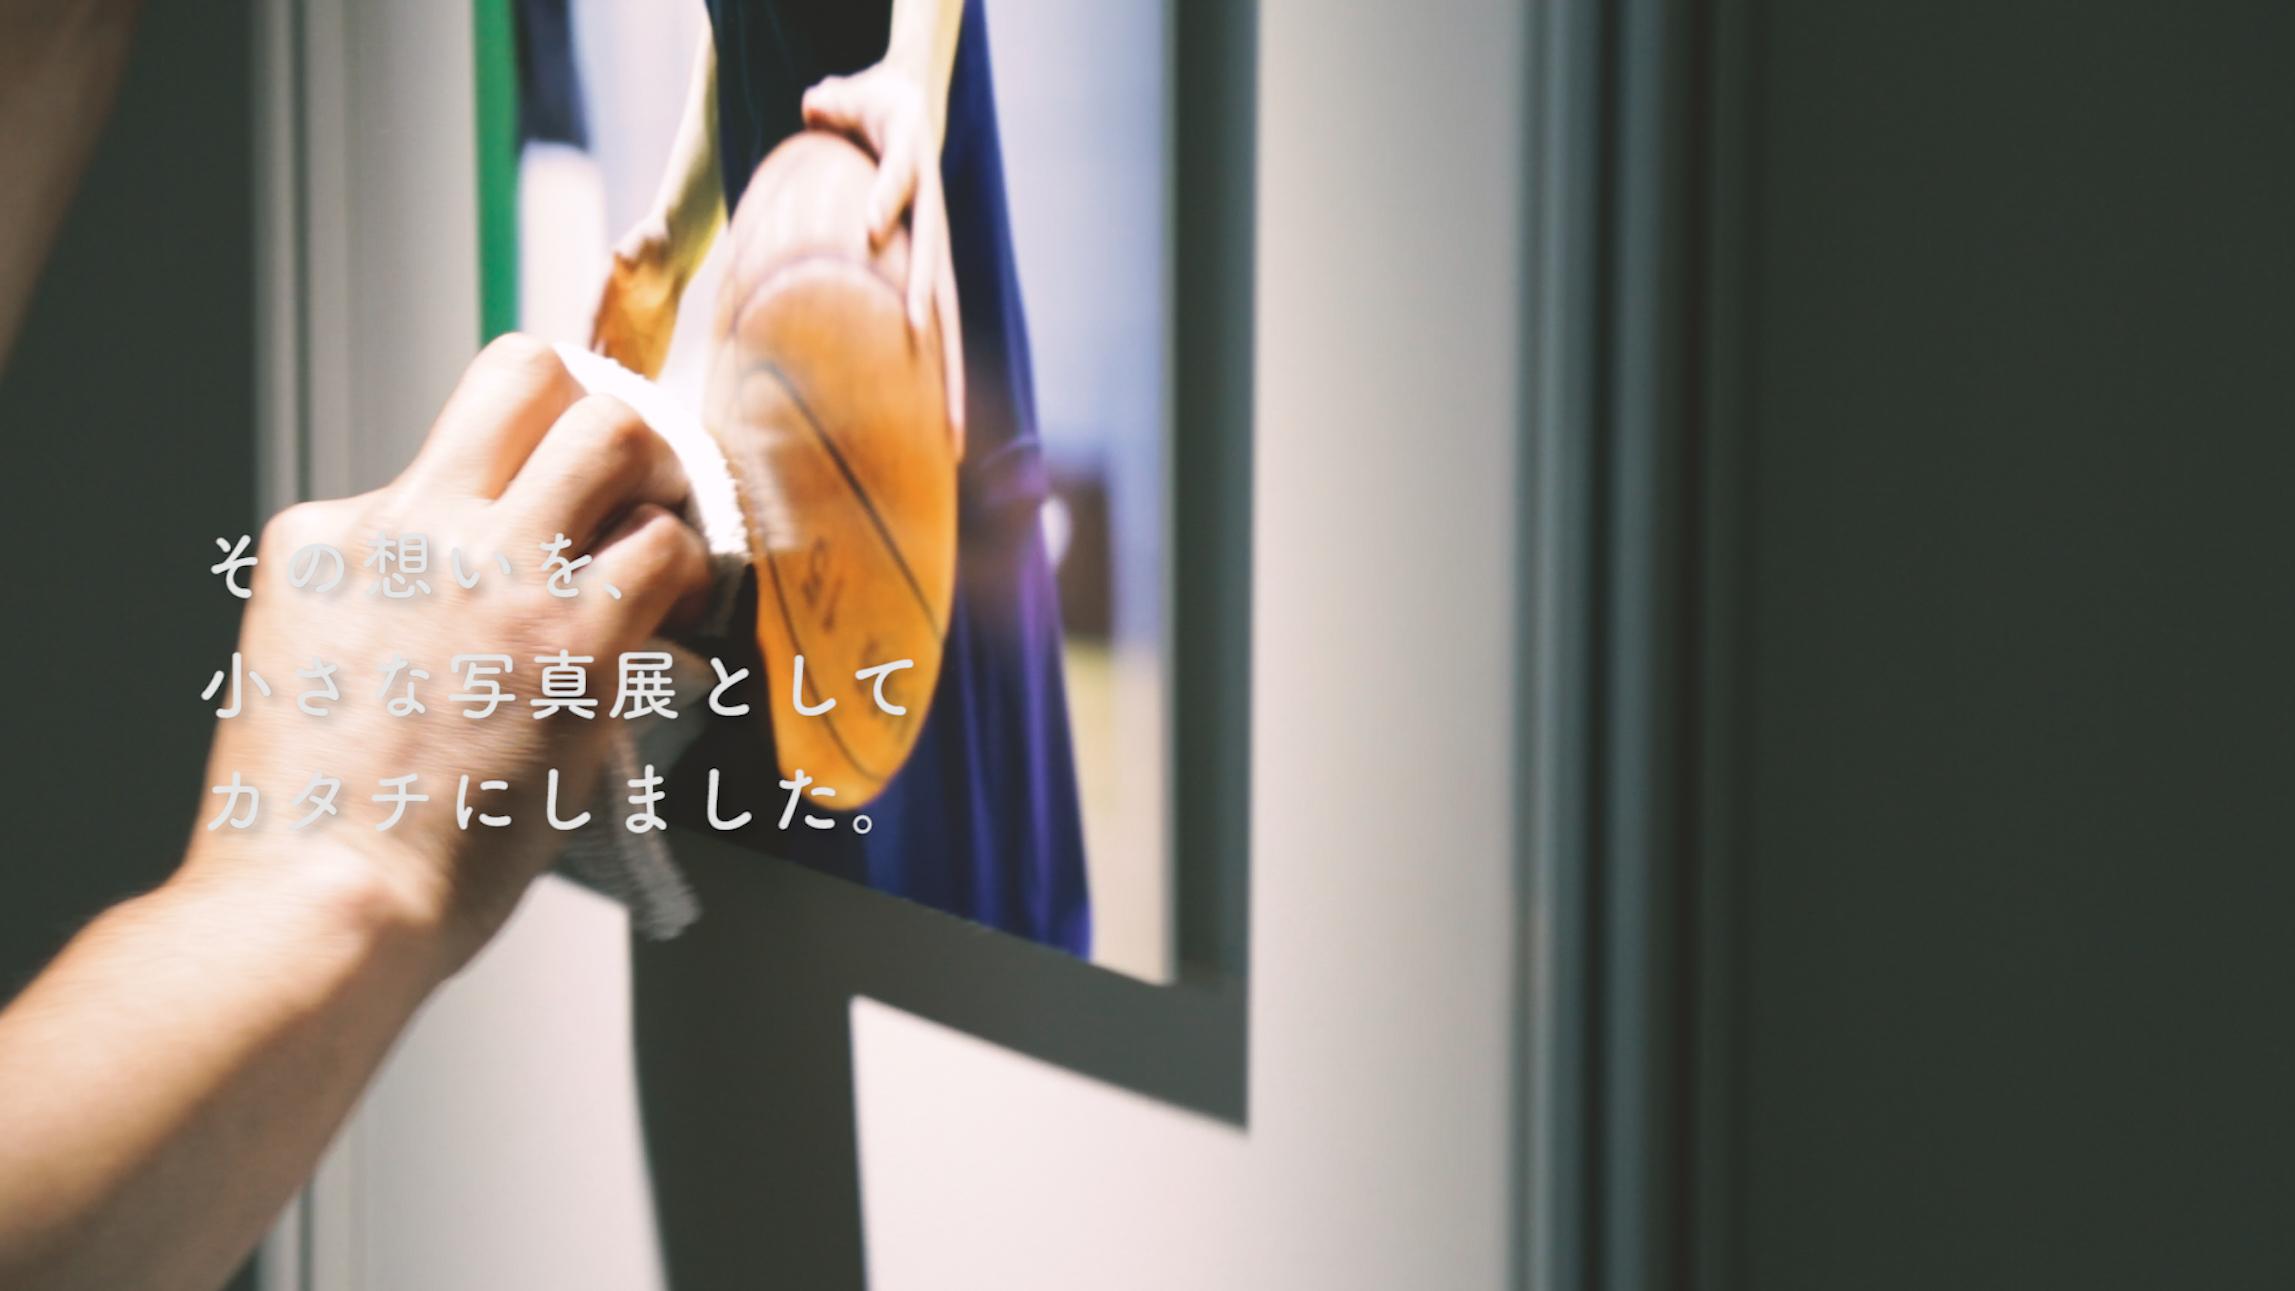 sofran_movie_dc_cap_29.jpg